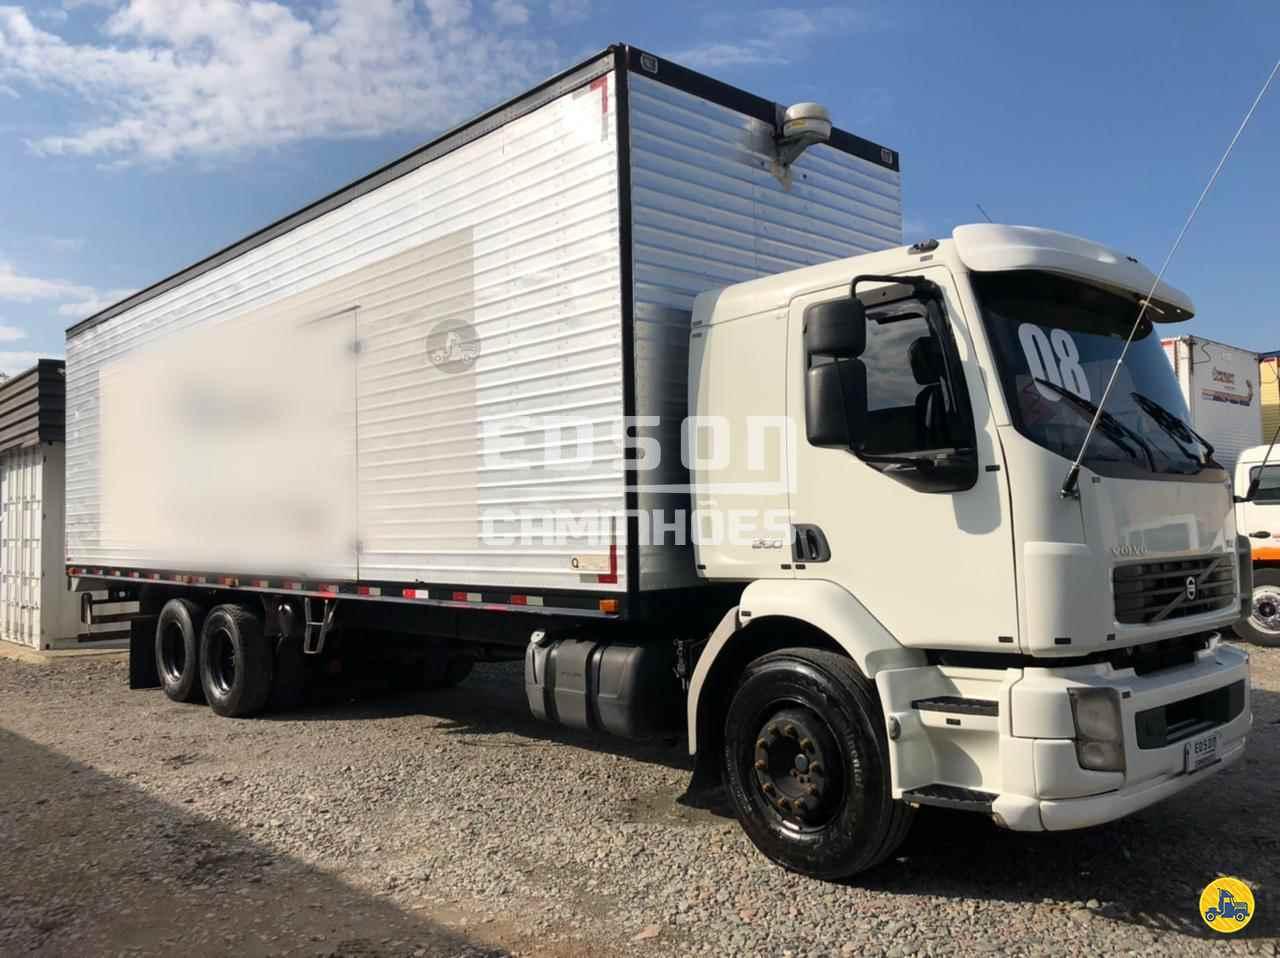 CAMINHAO VOLVO VOLVO VM 260 Baú Furgão Truck 6x2 Edson Caminhões CURITIBA PARANÁ PR